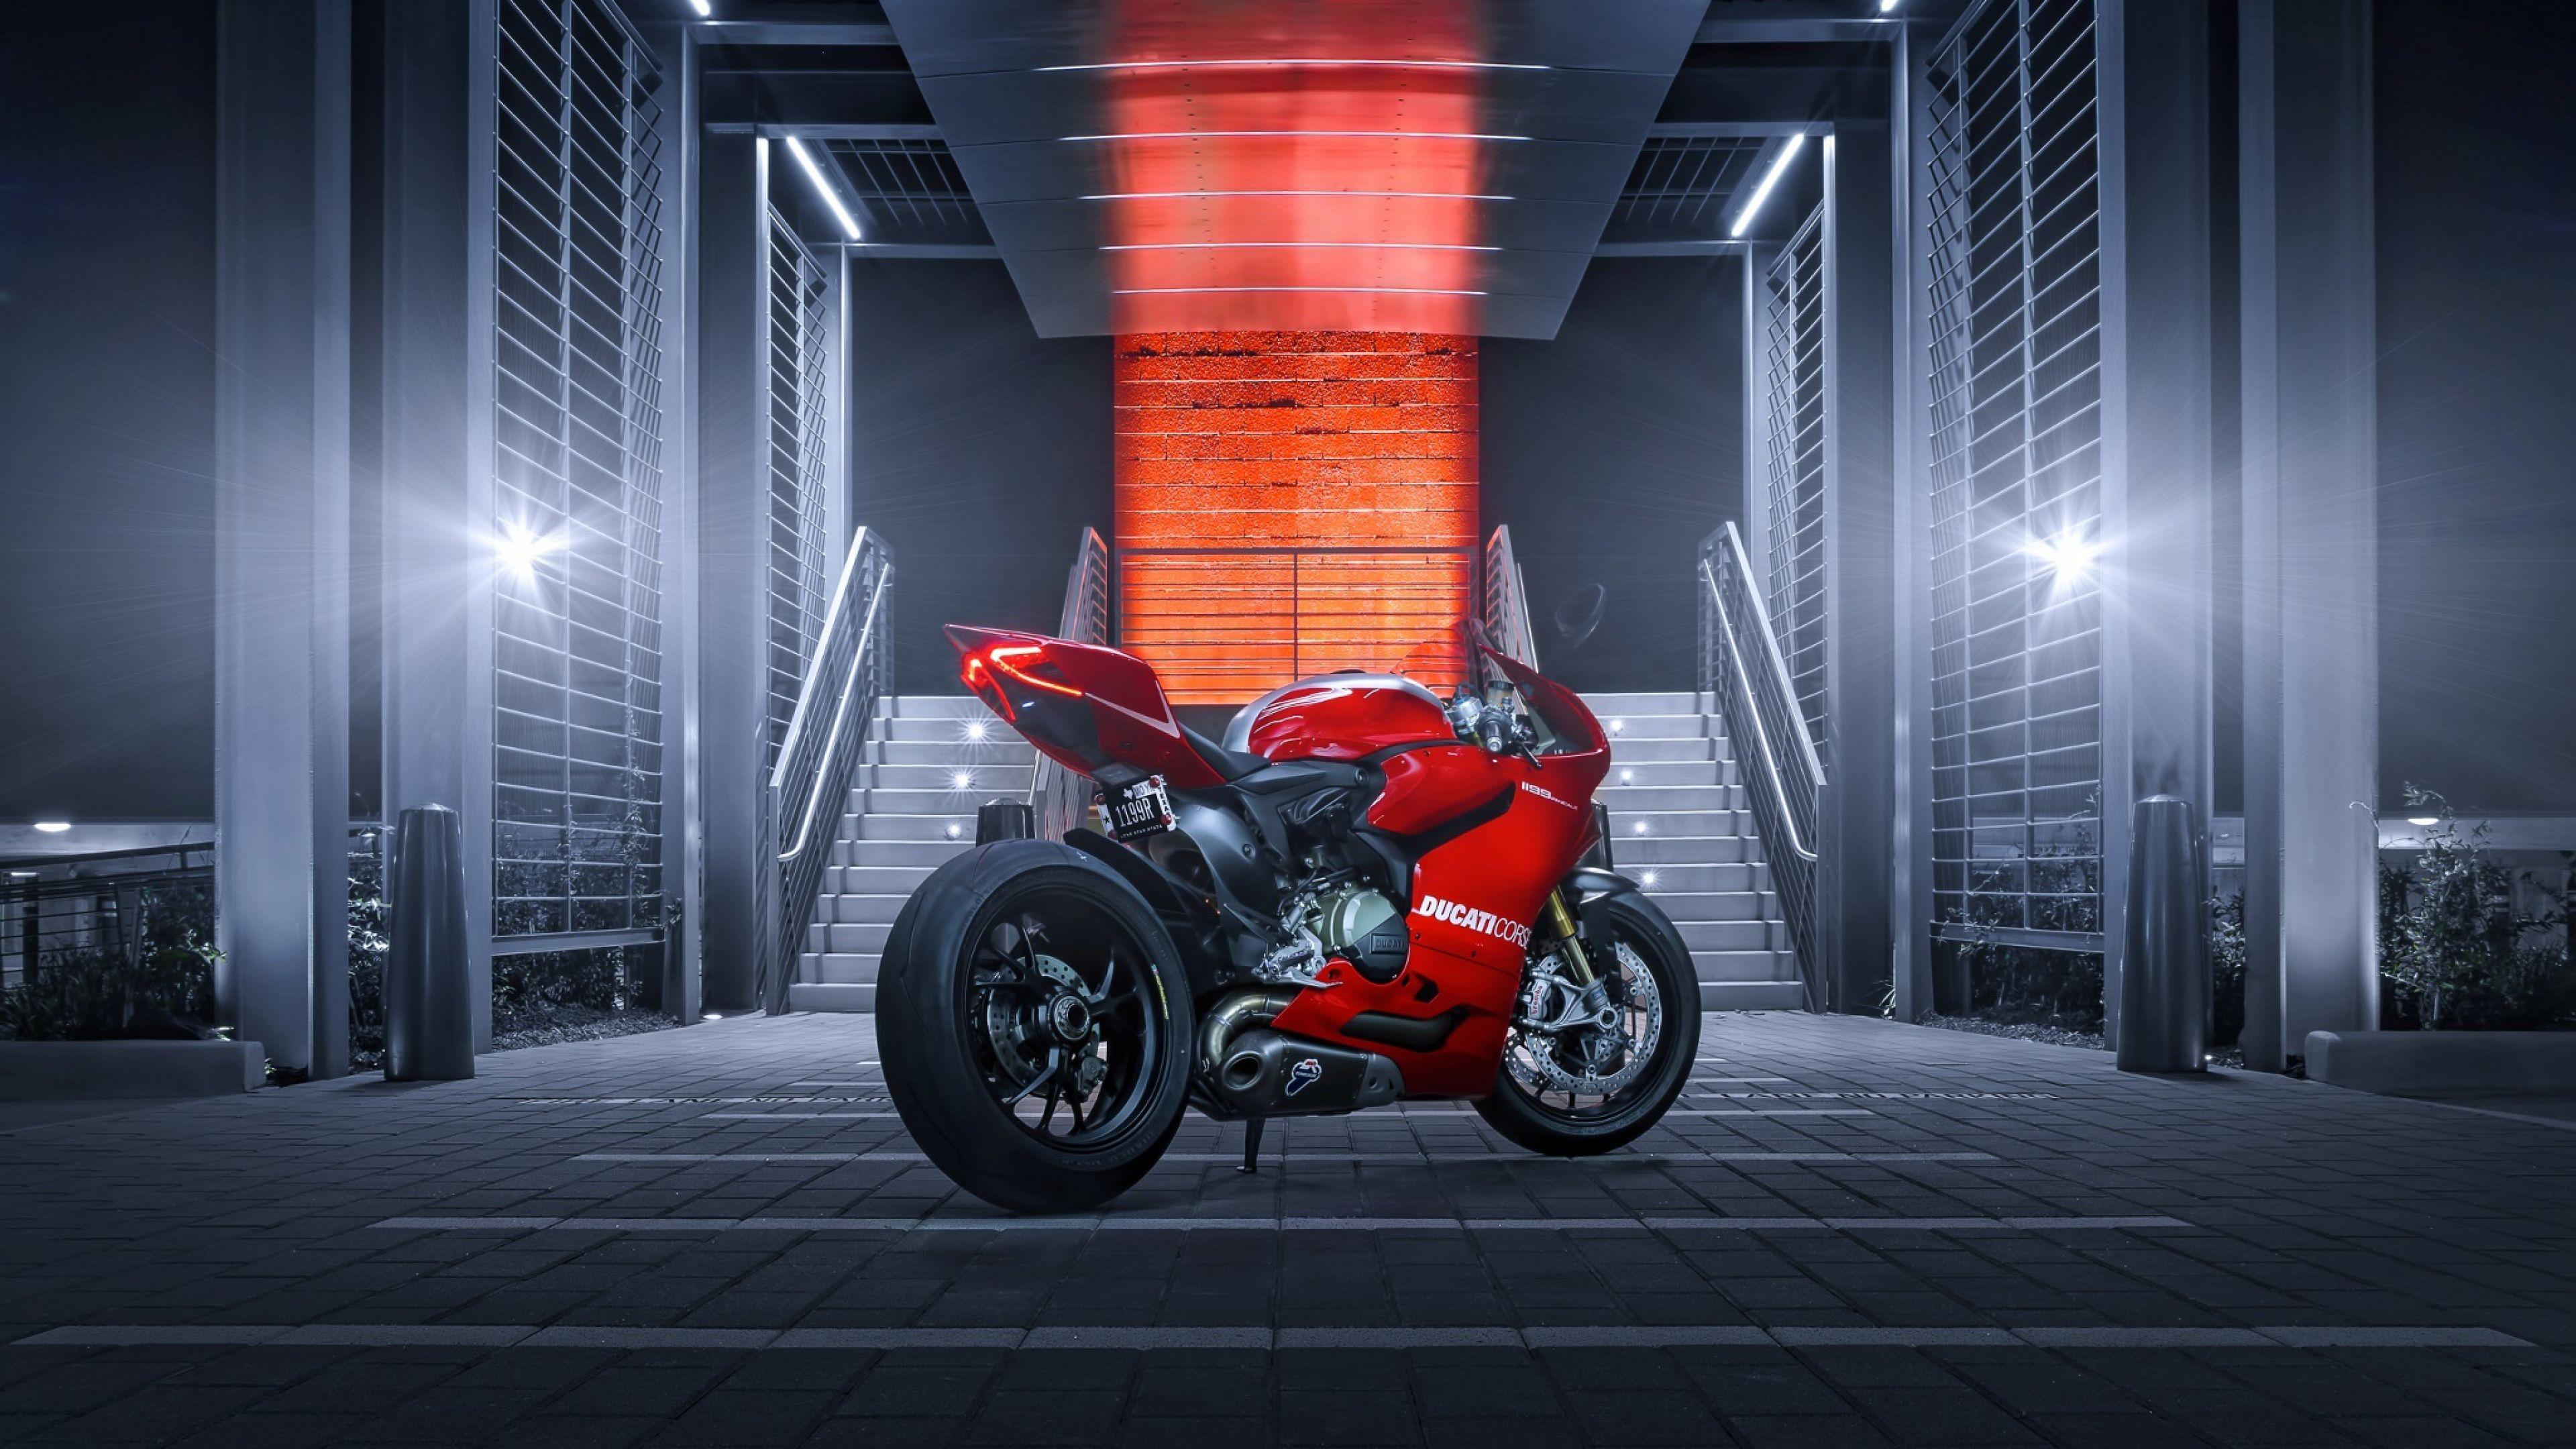 Pin By Dean Komazec On Moto Ducati Ducati Motogp Ducati 1199